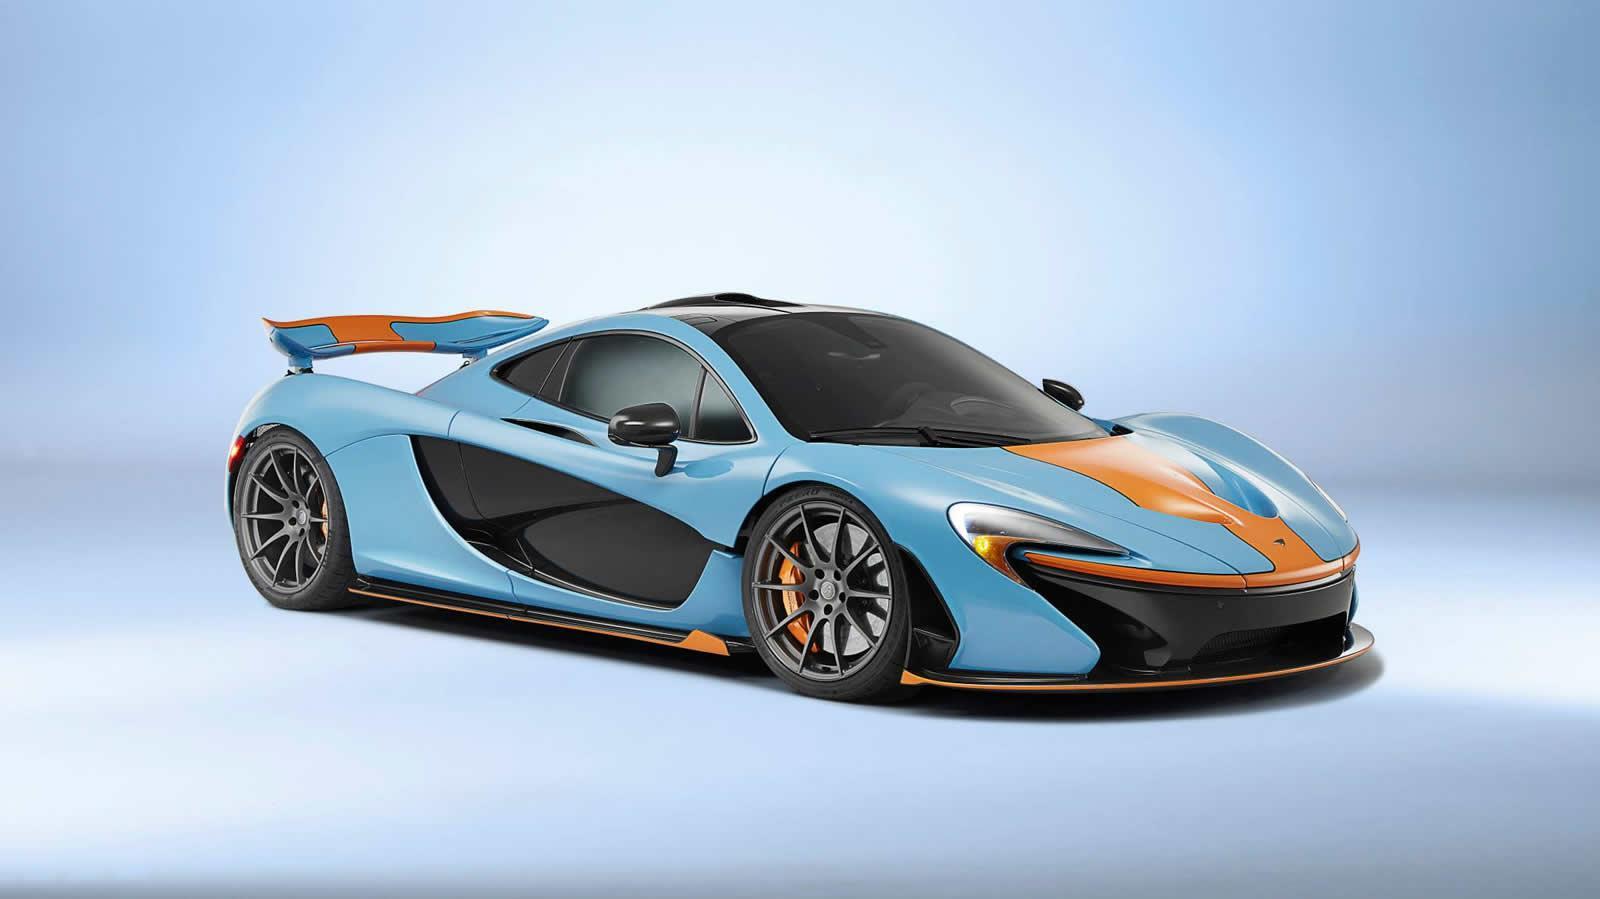 McLaren is recalling 122 P1